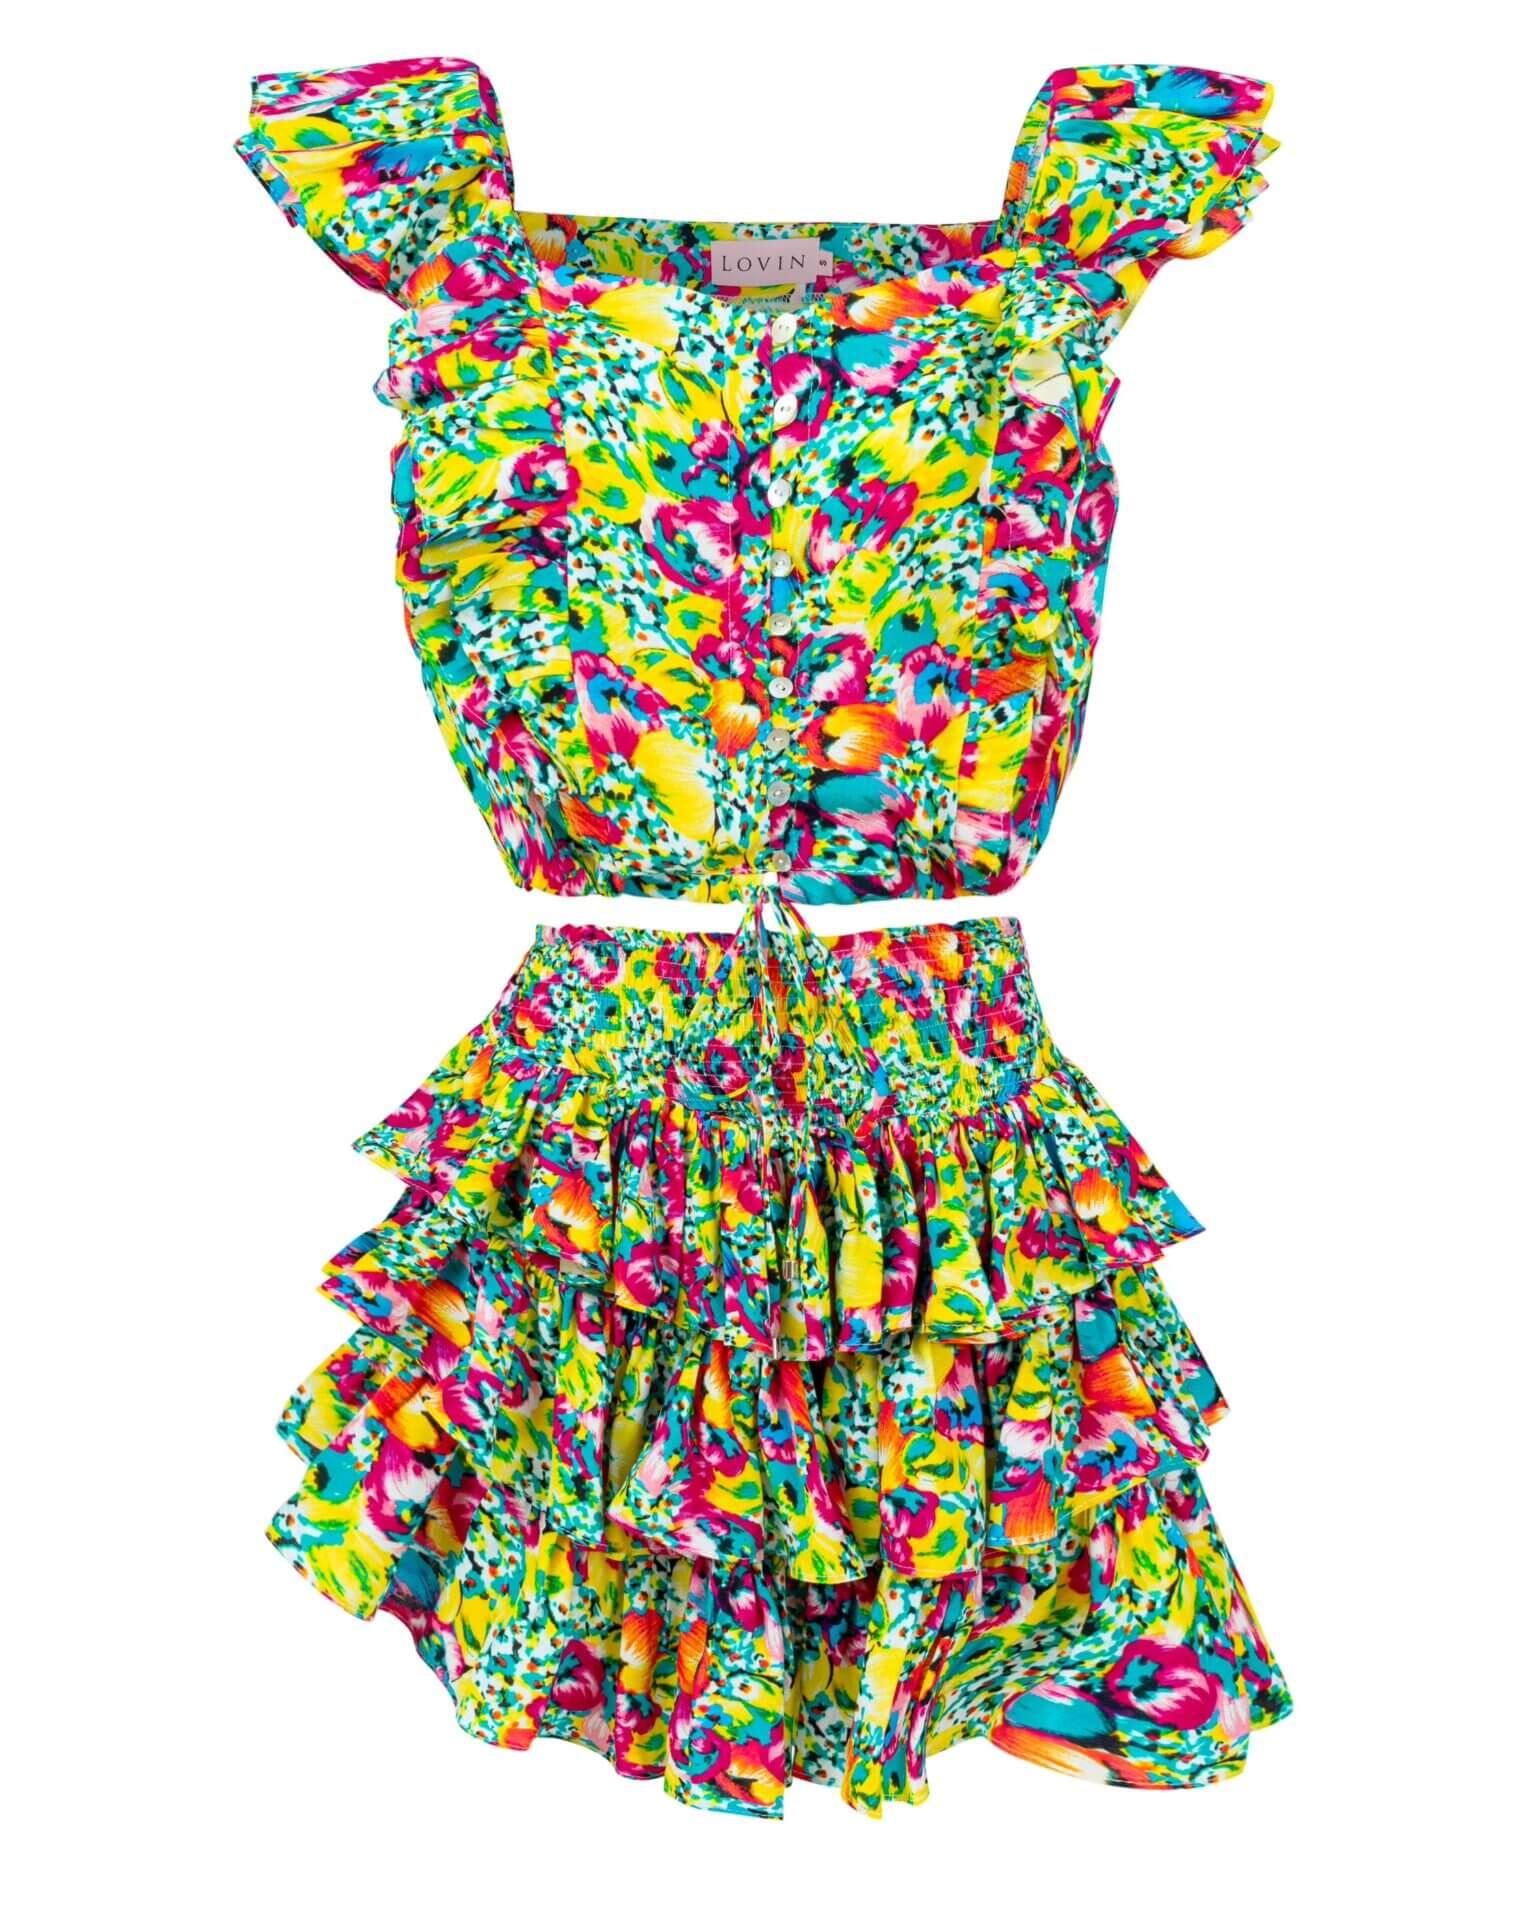 Przepiękna, kolorowa spódnica z wiskozy w piękne, kolorowe kwiaty. Marszczone falbanki dodają spódniczce uroku. LOVIN